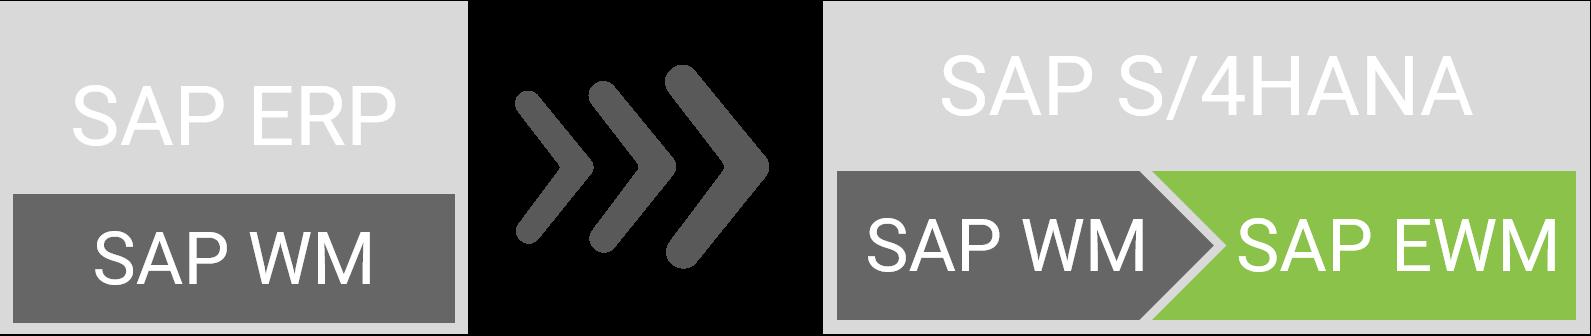 Migration von SAP ERP mit WM auf S/4HANA mit Embedded EWM